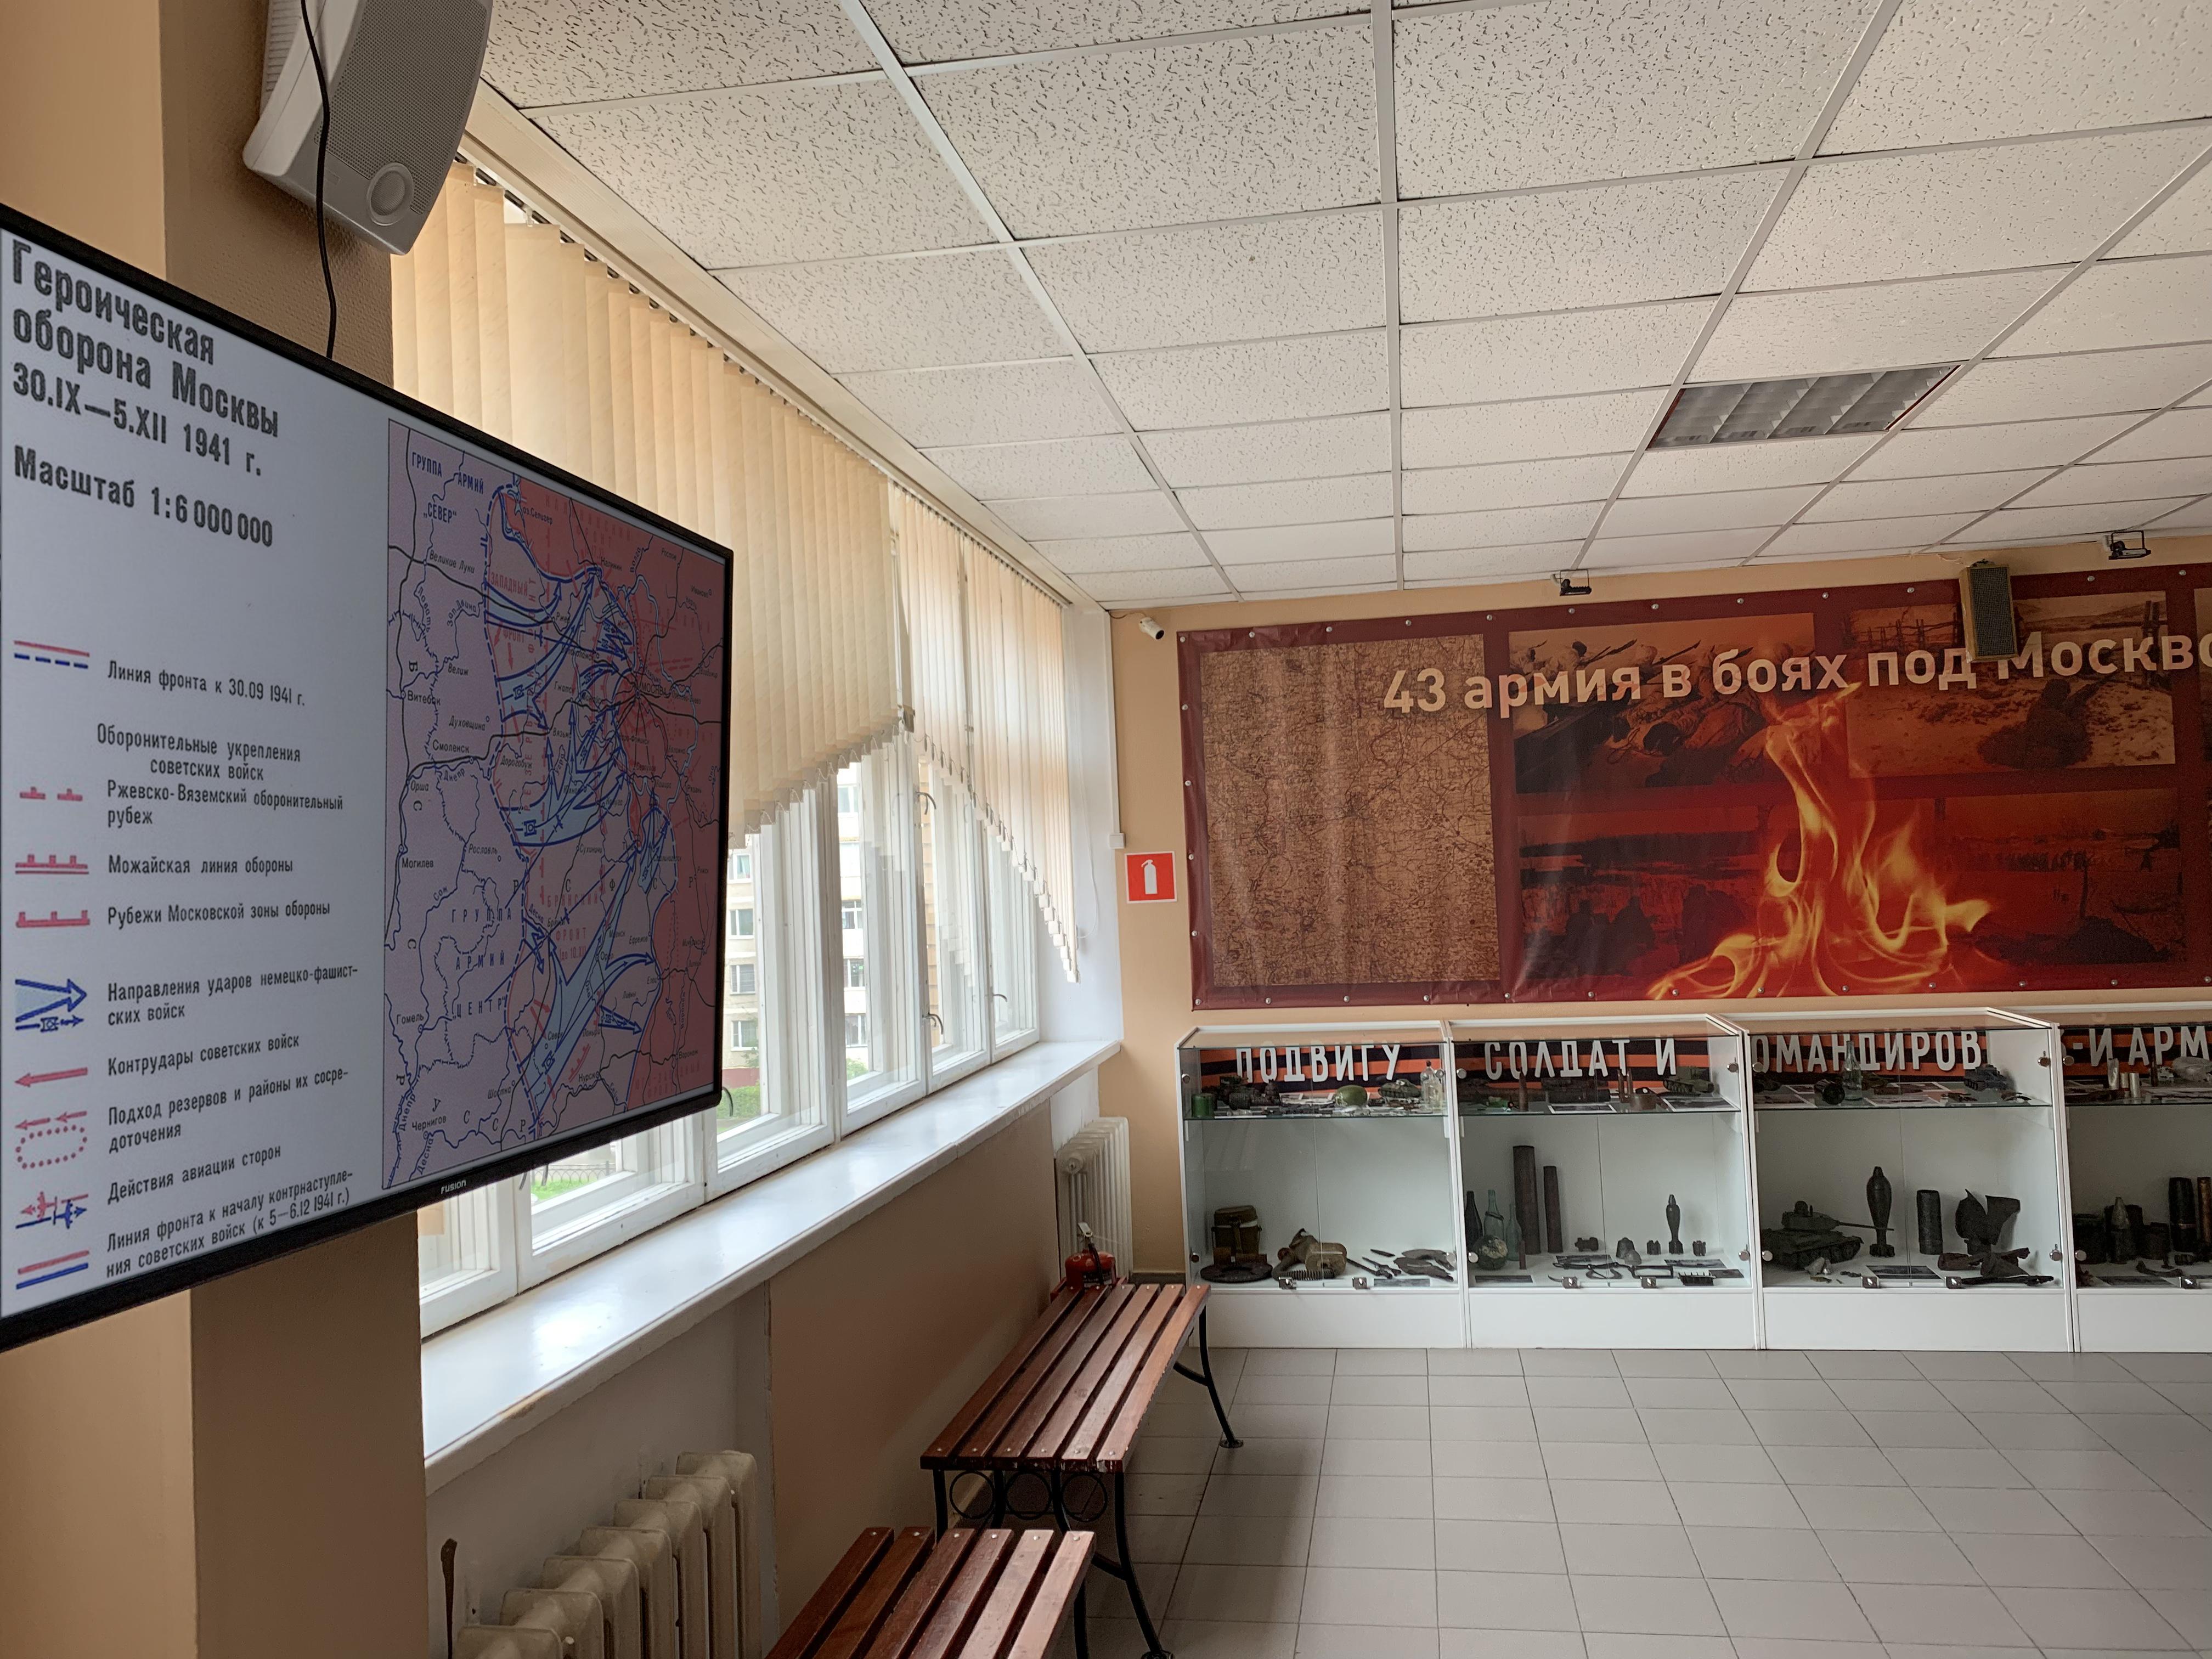 Интерактивная карта обороны Москвы на телевизионной панели